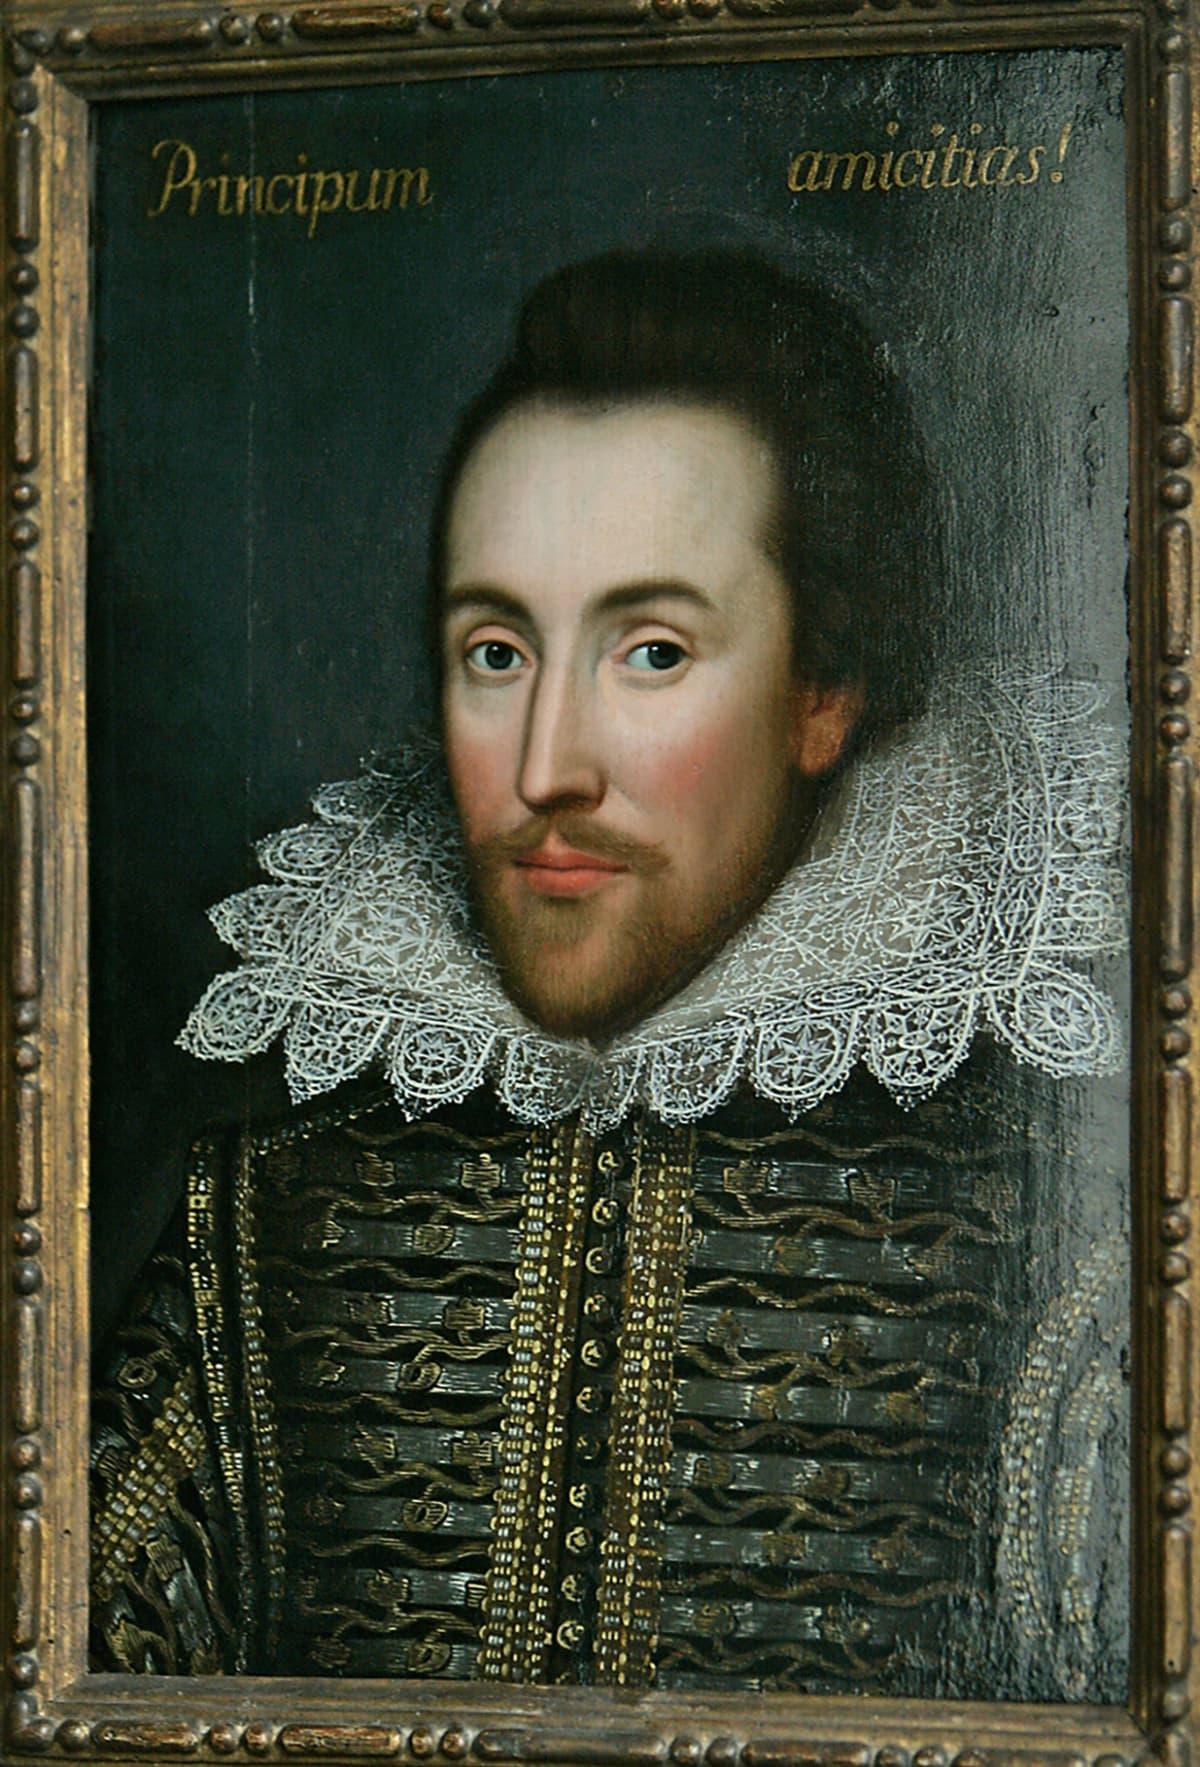 Kirjailija William Shakespearea esittävä muotokuva.